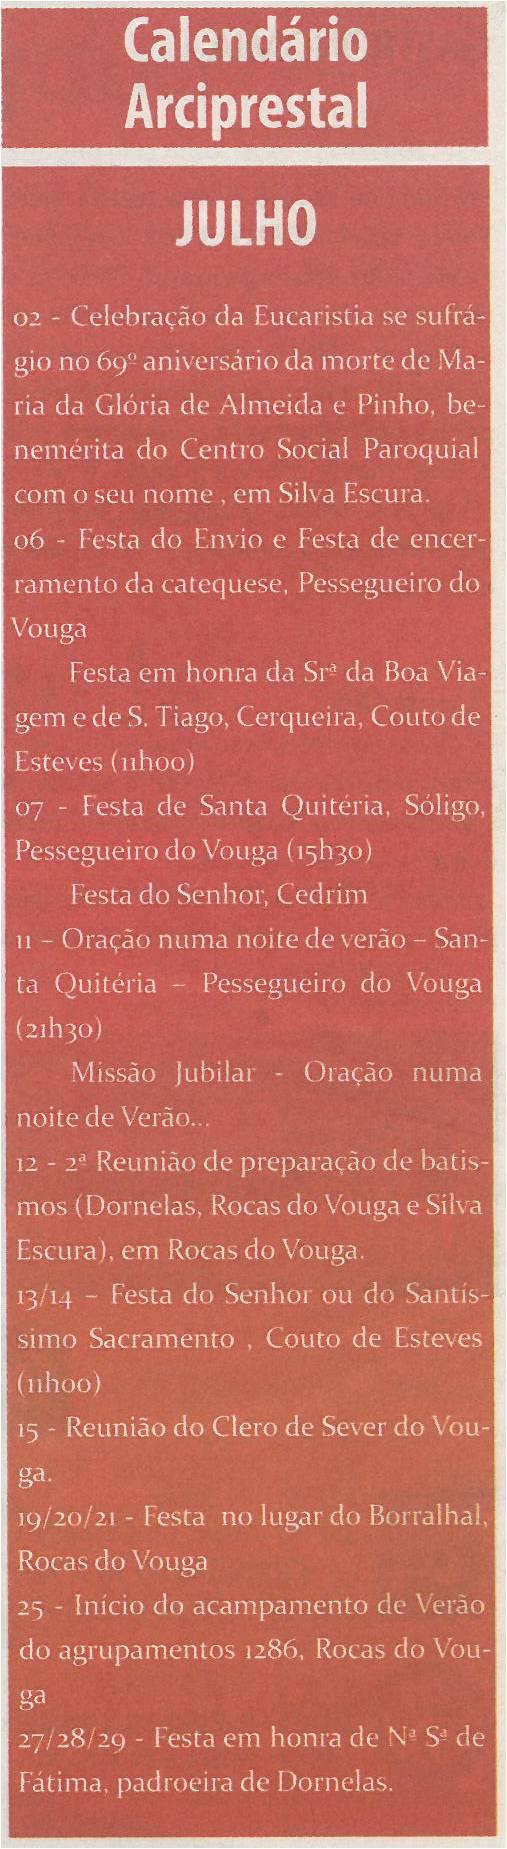 TV-jul13-p20-Calendário arciprestal_julho